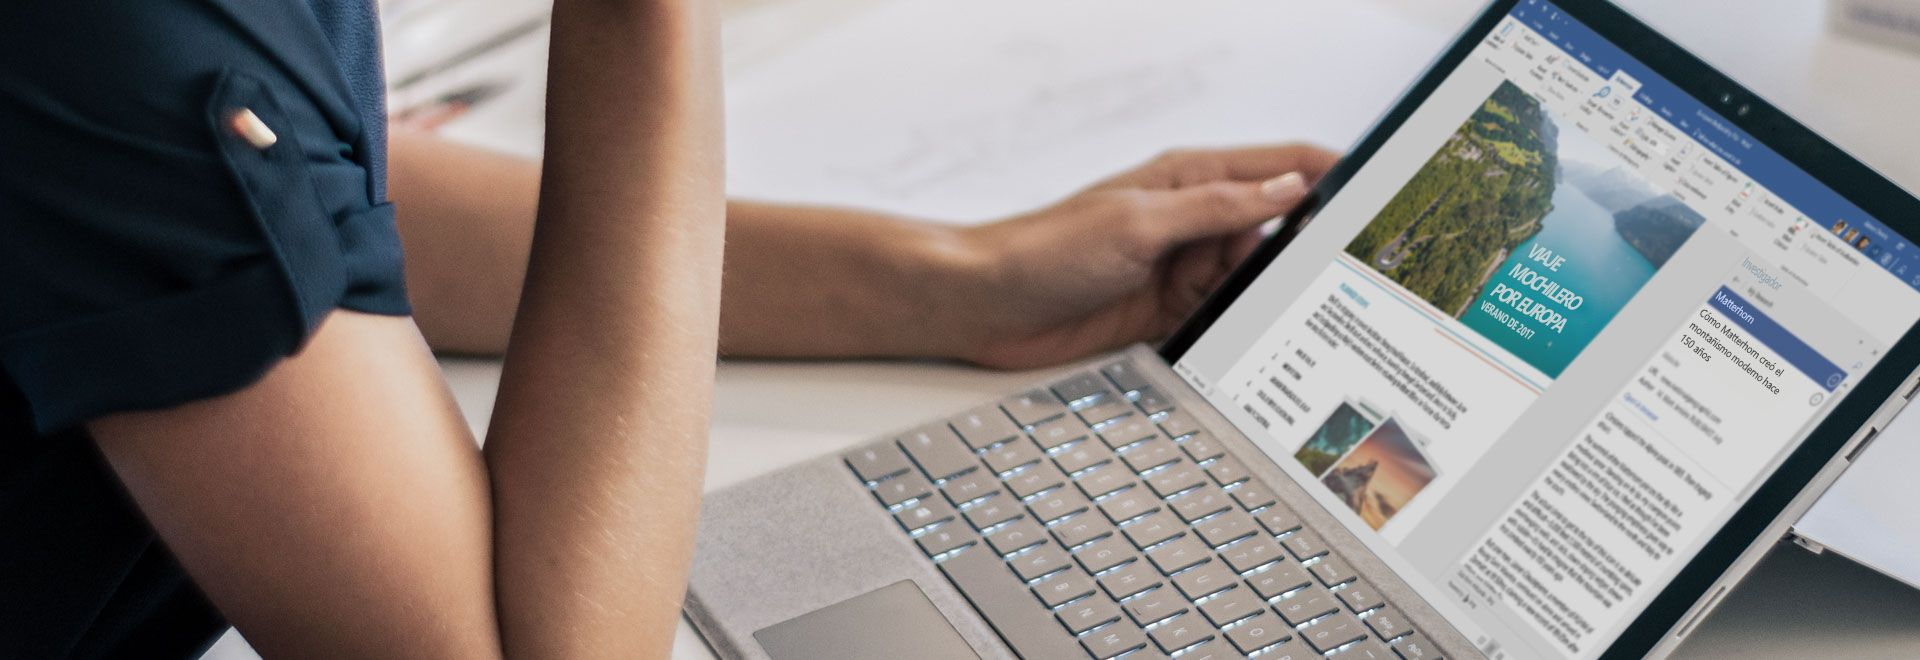 Tableta Microsoft Surface en la que se muestra un documento de Word sobre un viaje mochilero por Europa con el Investigador de Word abierto.